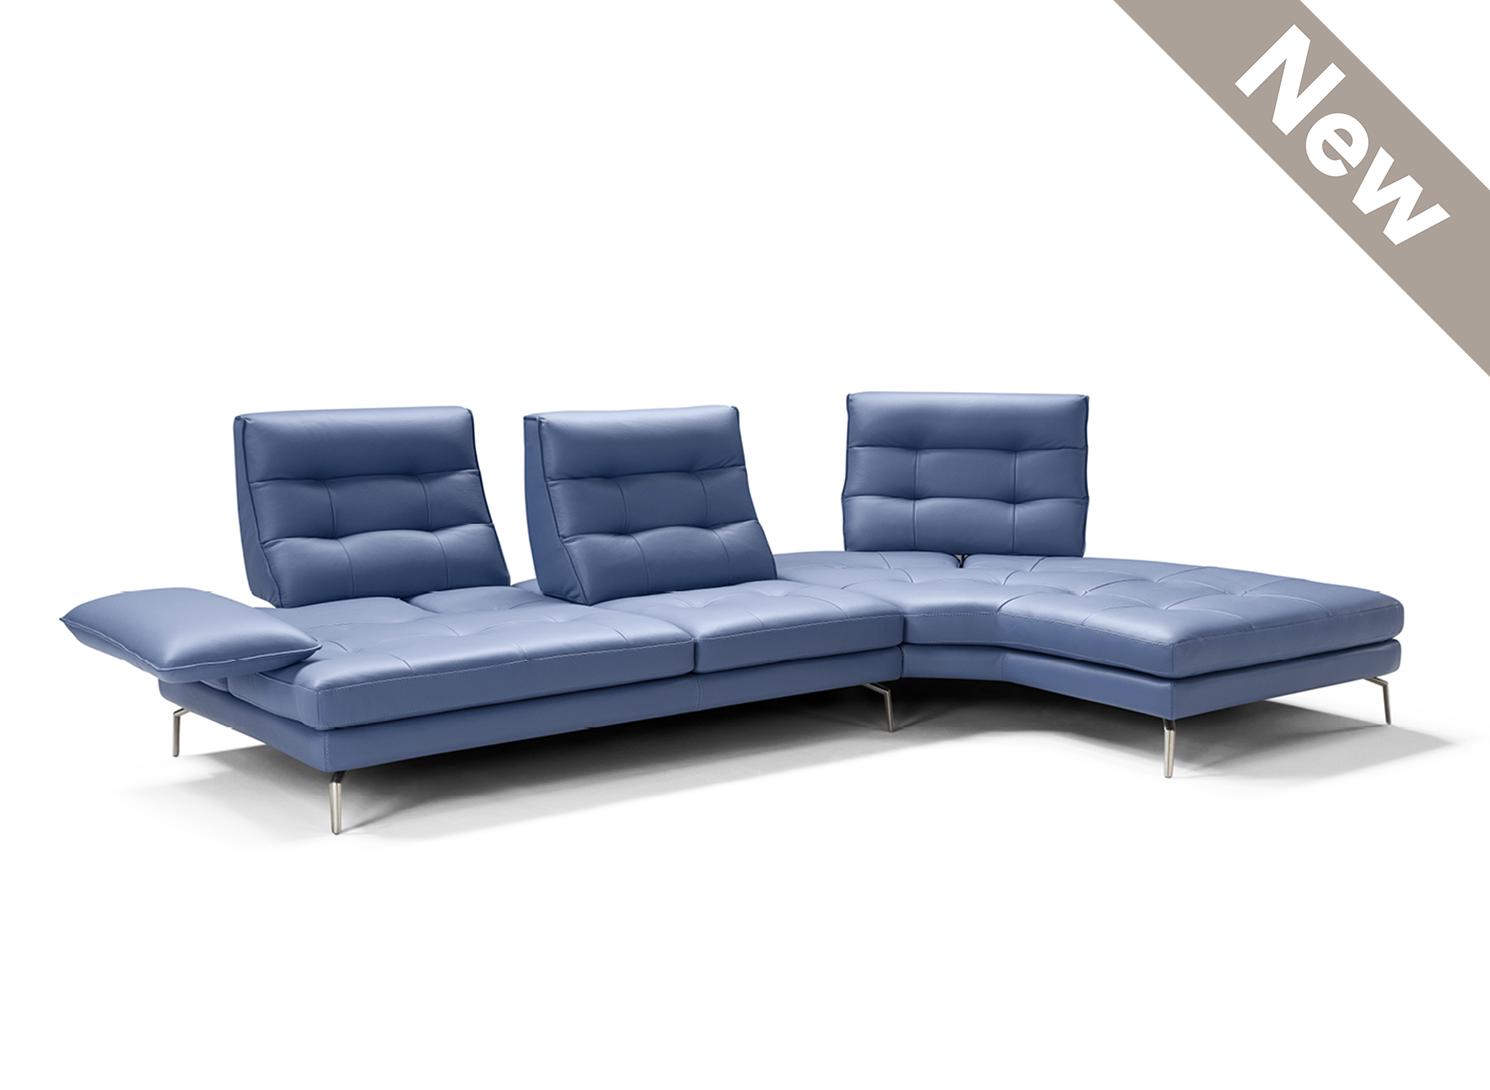 bucci-max-divani-contemporary-collection